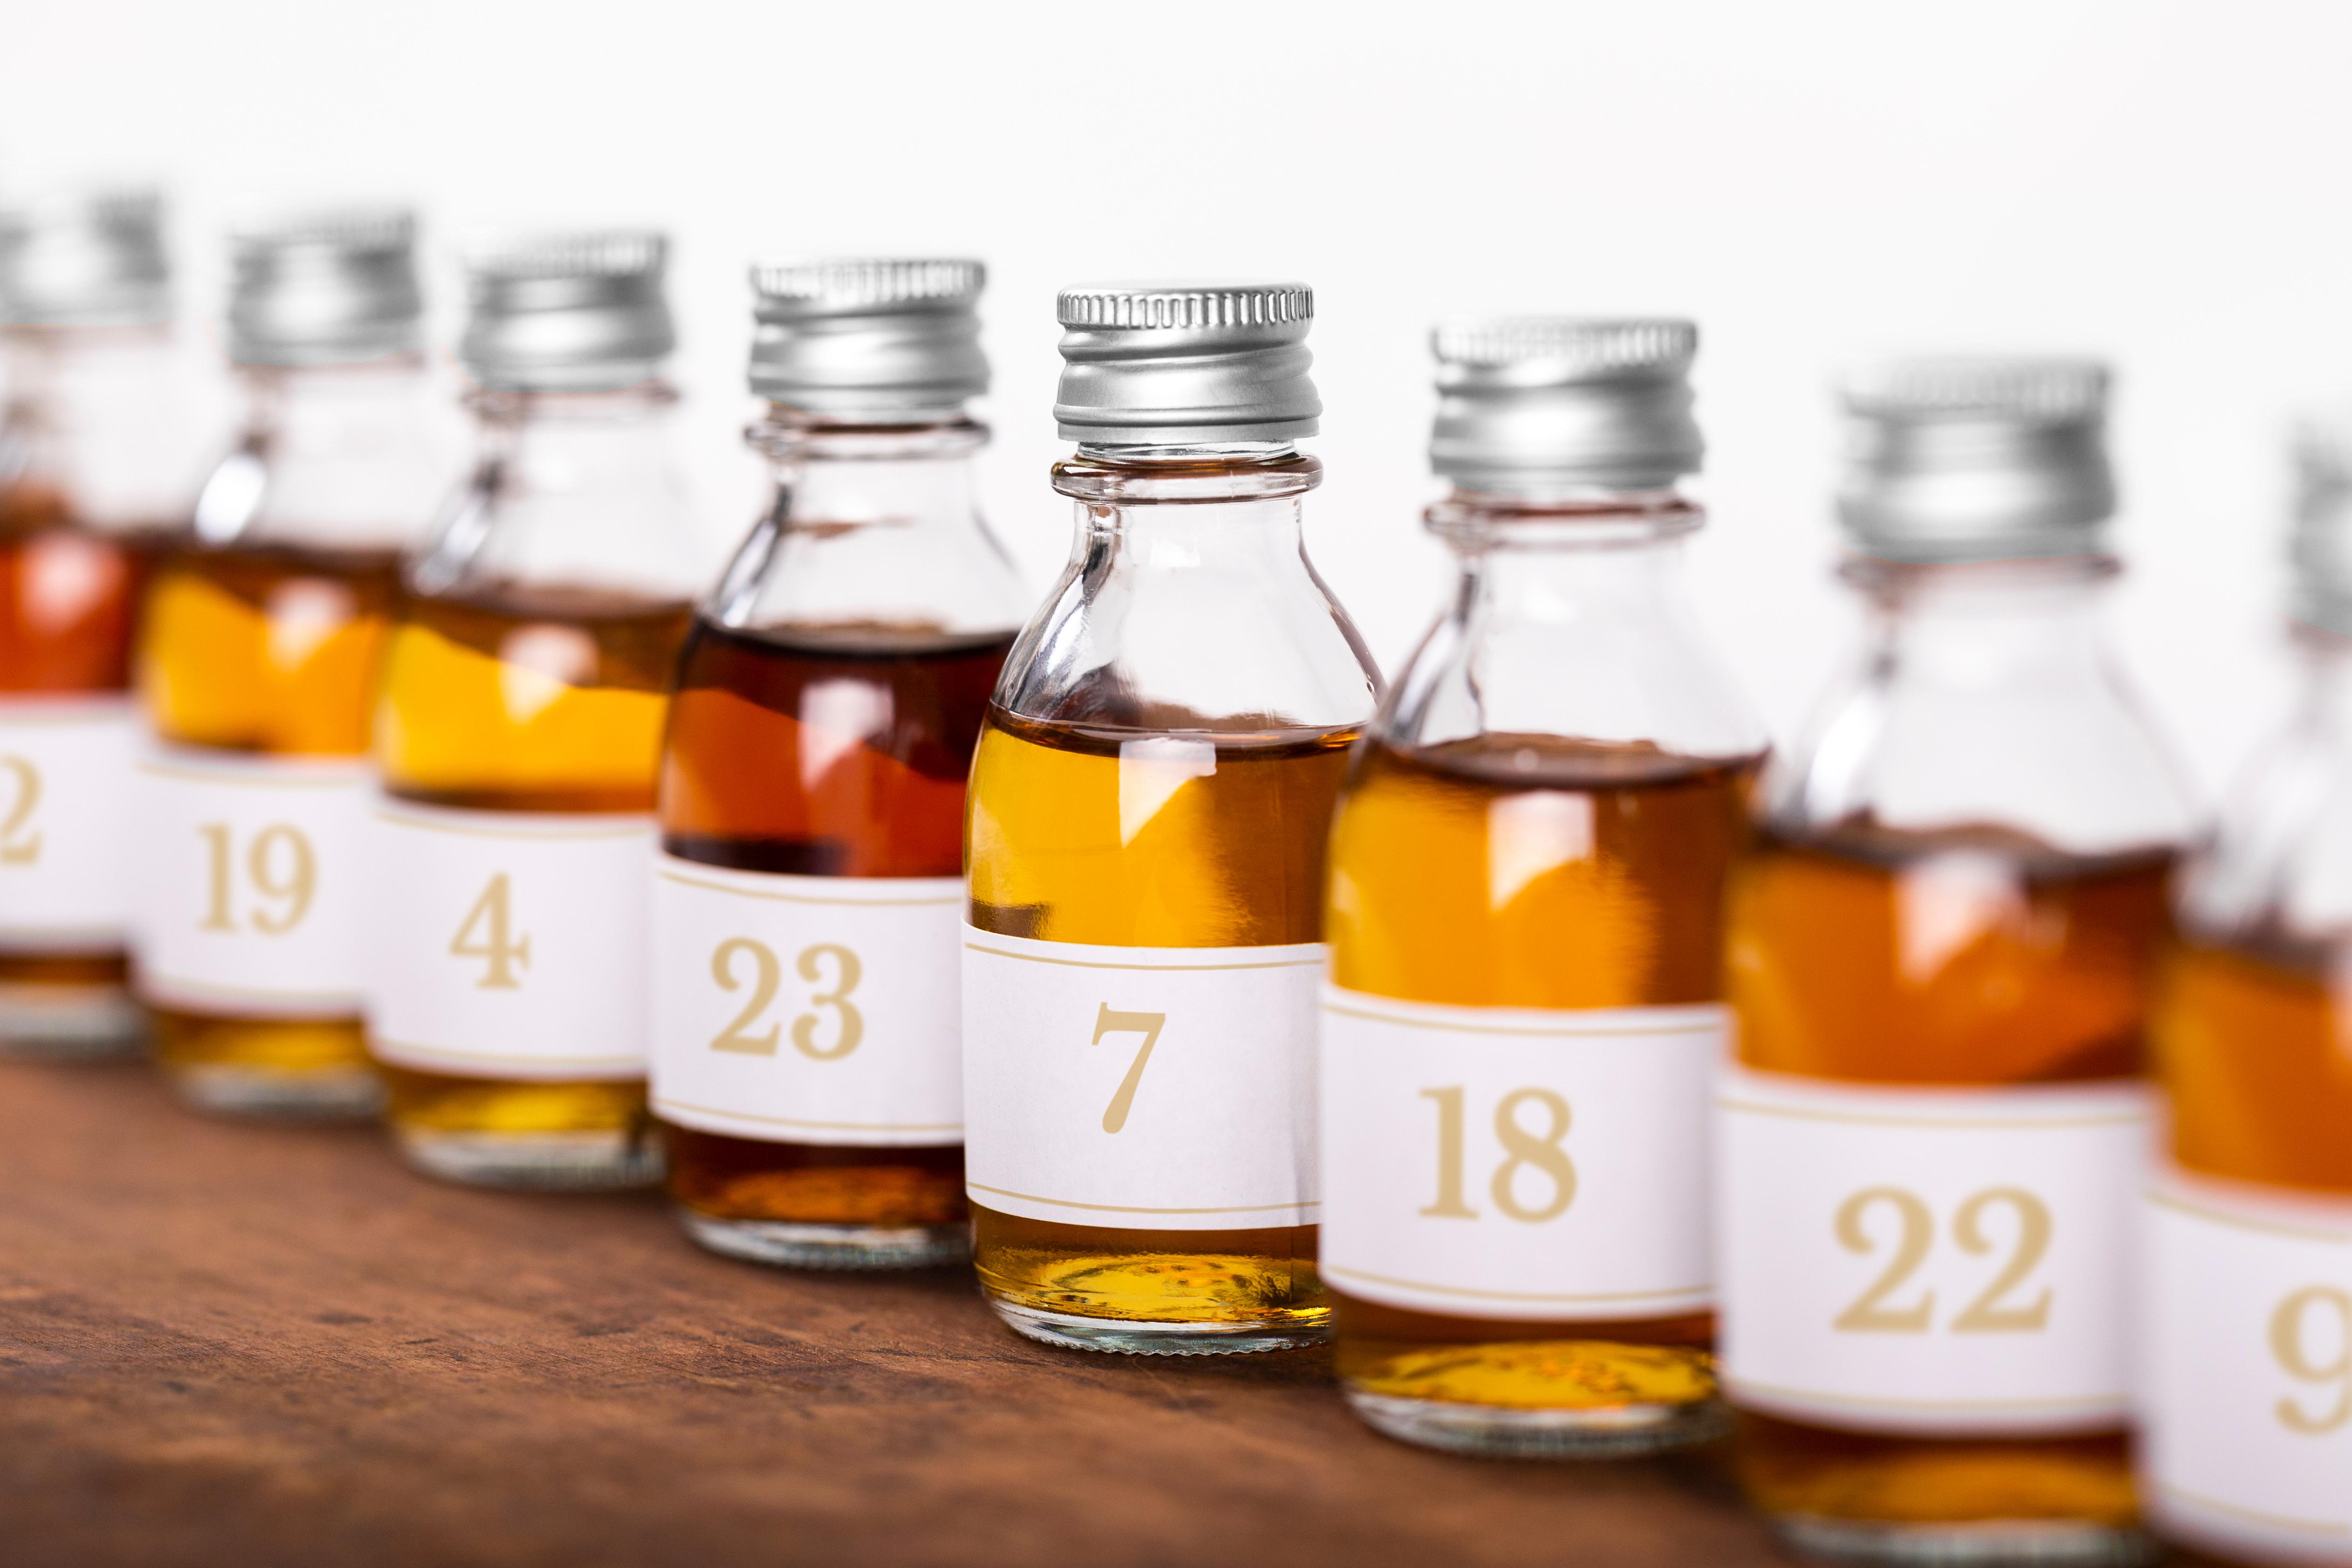 taster bottles aligned